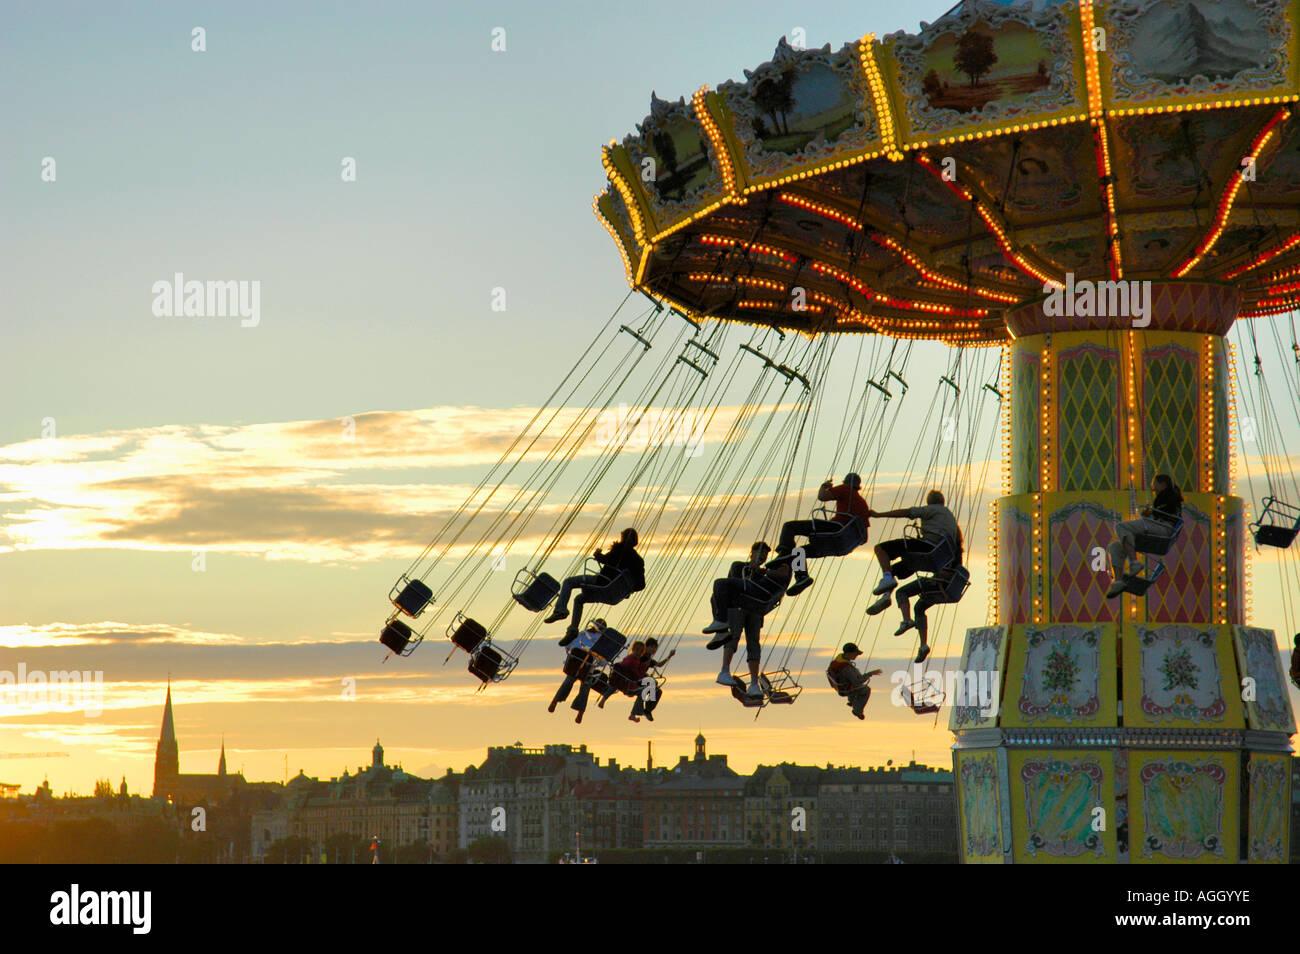 Atracción/carrusel en parque de diversiones Gröna Lund, Estocolmo, Suecia Imagen De Stock